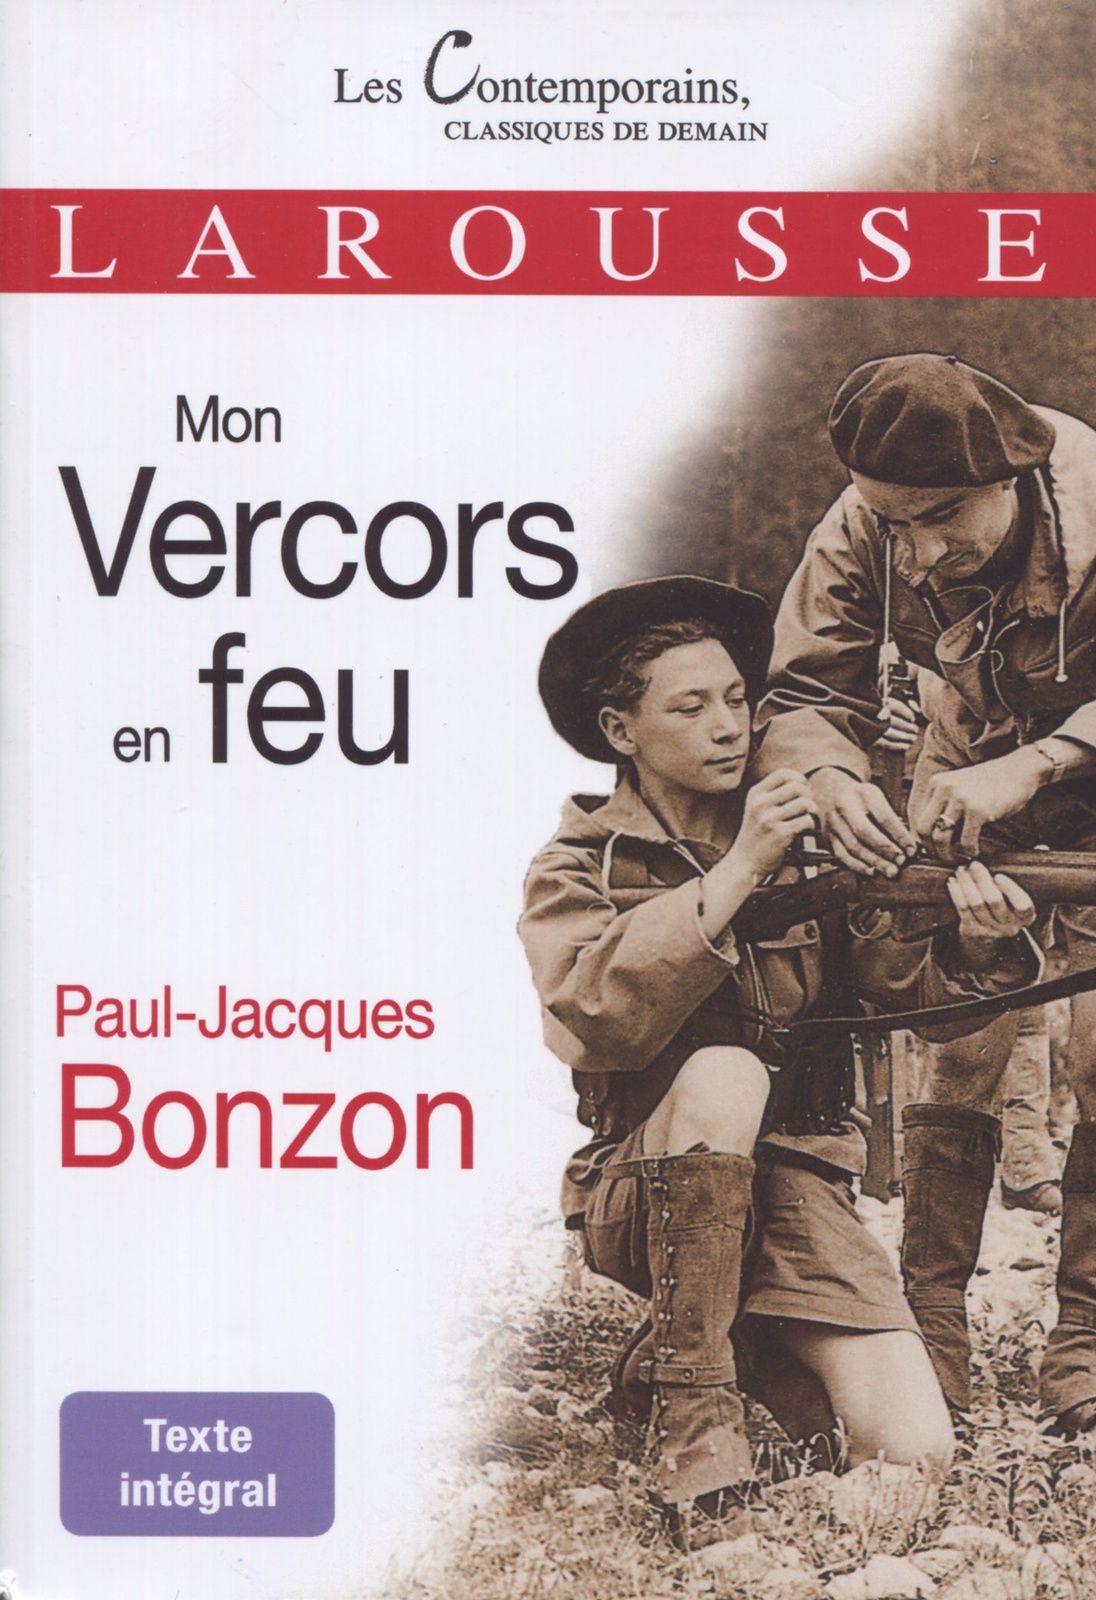 MON VERCORS EN FEU de Paul-Jacques Bonzon réédition 2019